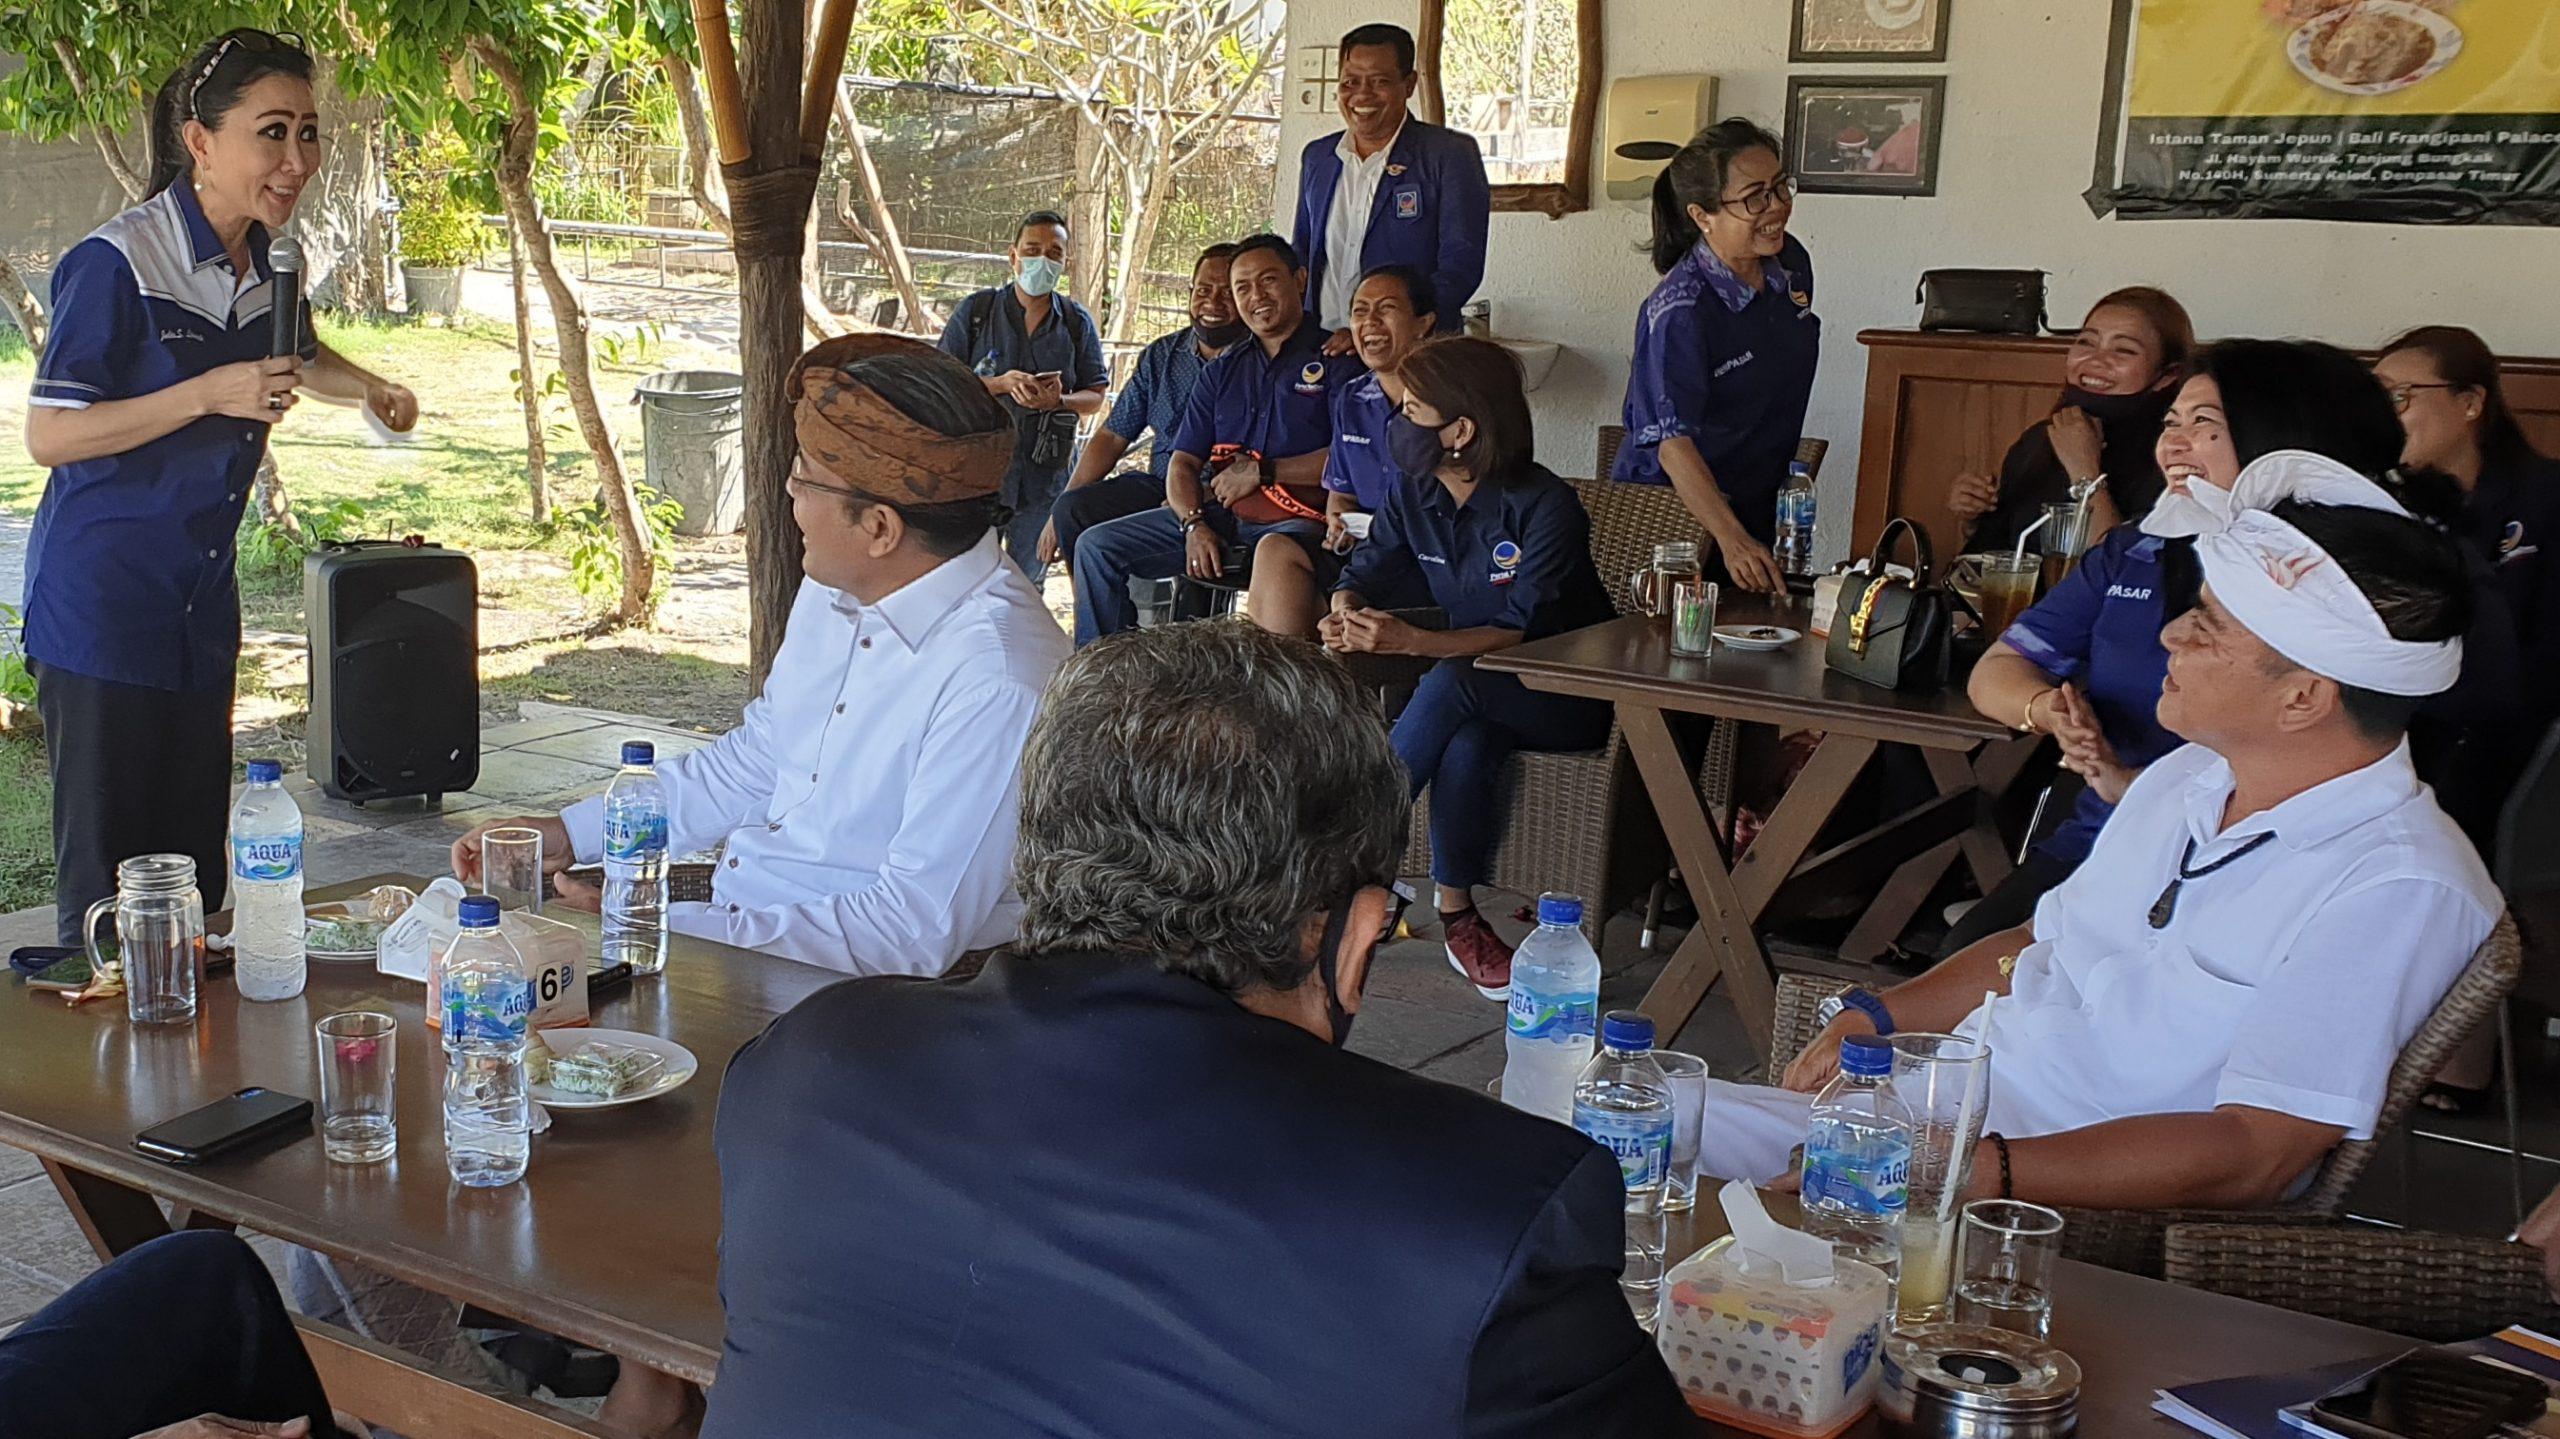 YULIE Sutrisno Laiskodat (kiri) memberi arahan kepada Ngurah Ambara Putra (destar batik) dan Bagus Kertanegara (destar putih) sebelum menyerahkan rekomendasi Nasdem untuk Pilkada Denpasar 2020, Senin (24/8/2020). Foto: gus hendra